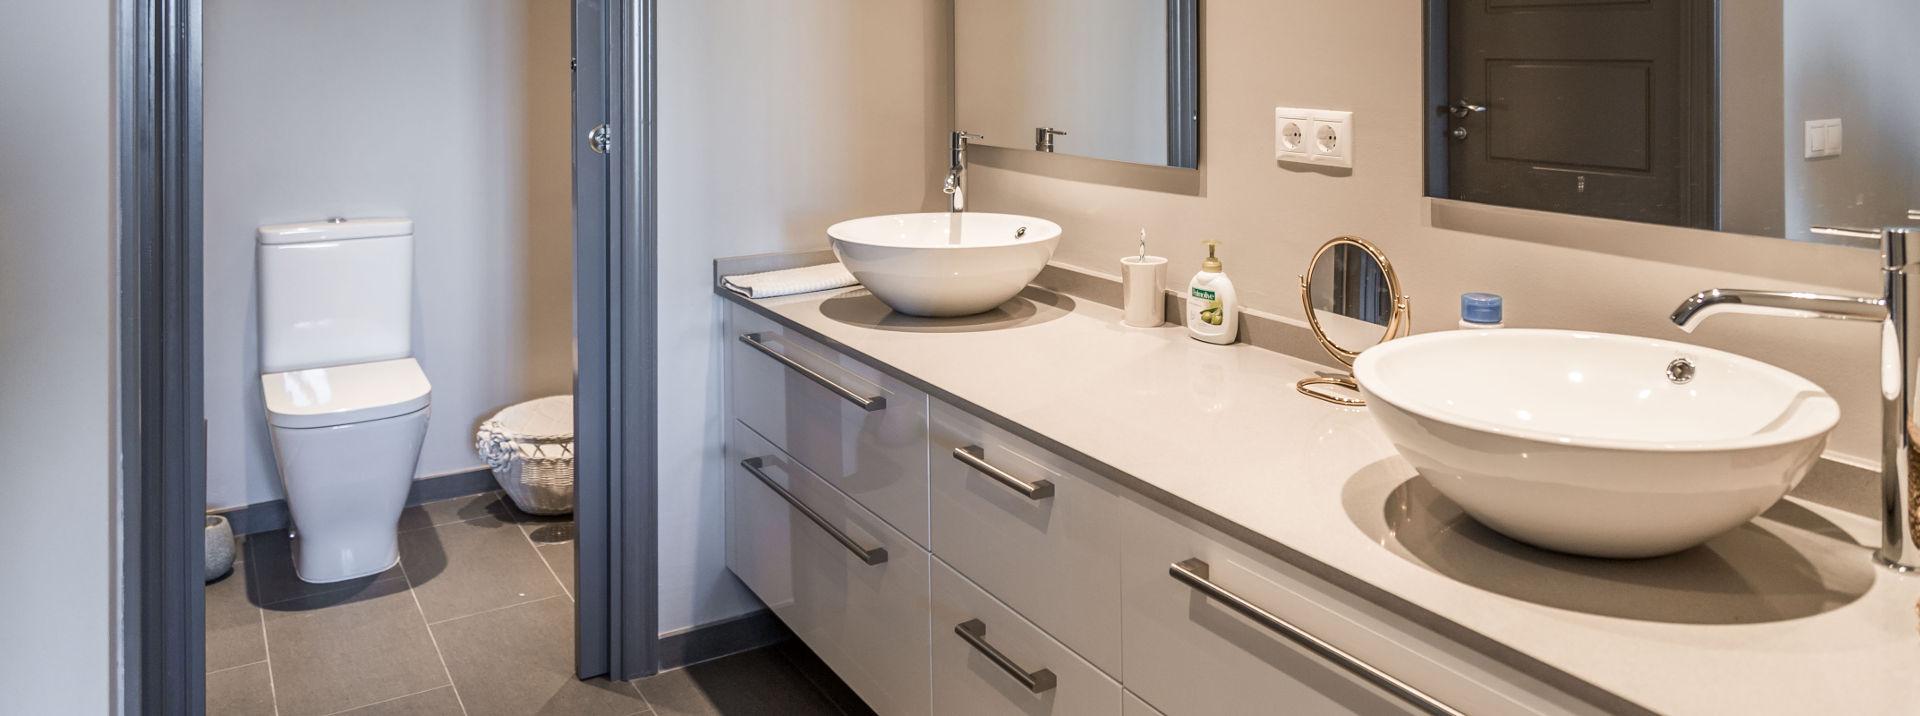 Nordic Muebles - Bathrooms - Modern Madrid